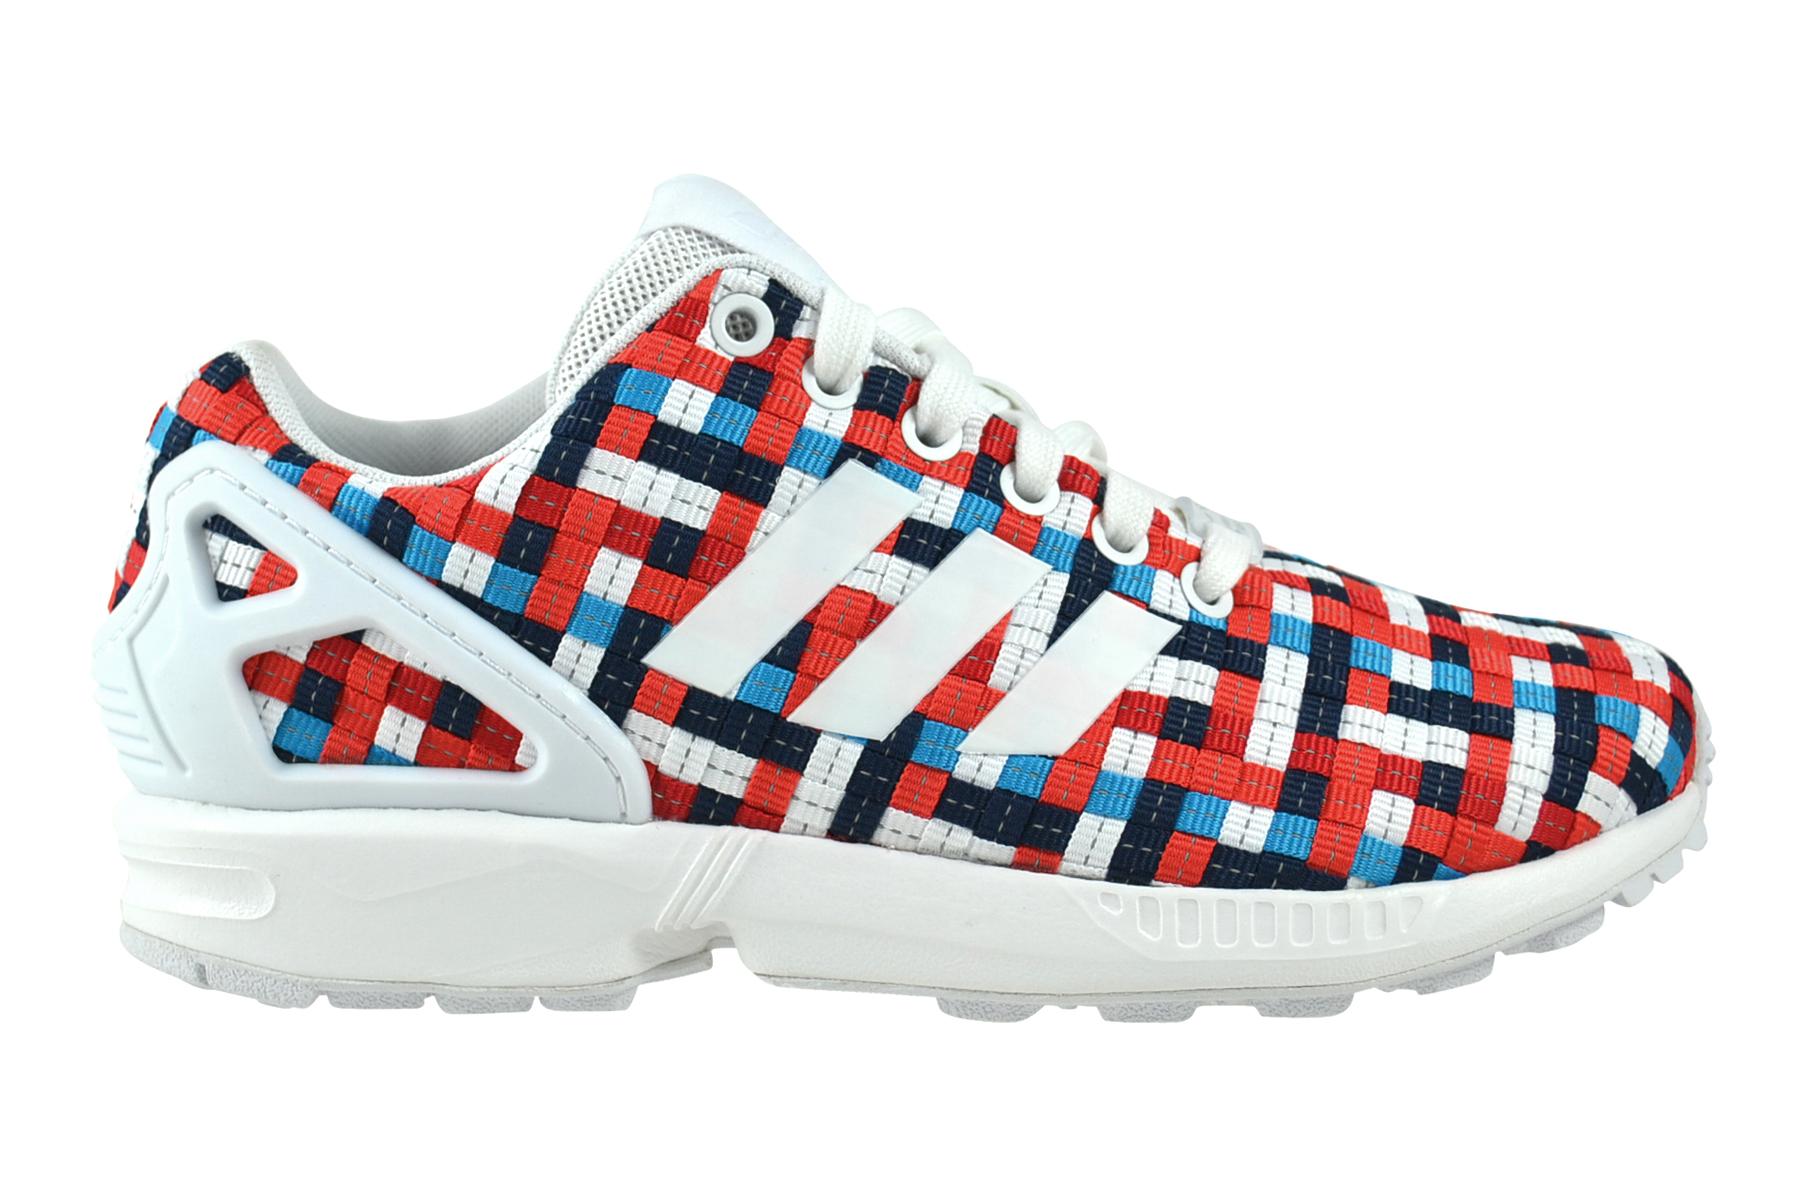 Unidad Girar en descubierto O  Adidas Zx Flux Blanco Azul, Rojo Zapatillas Deportivas Varios Colores  S82750 | eBay